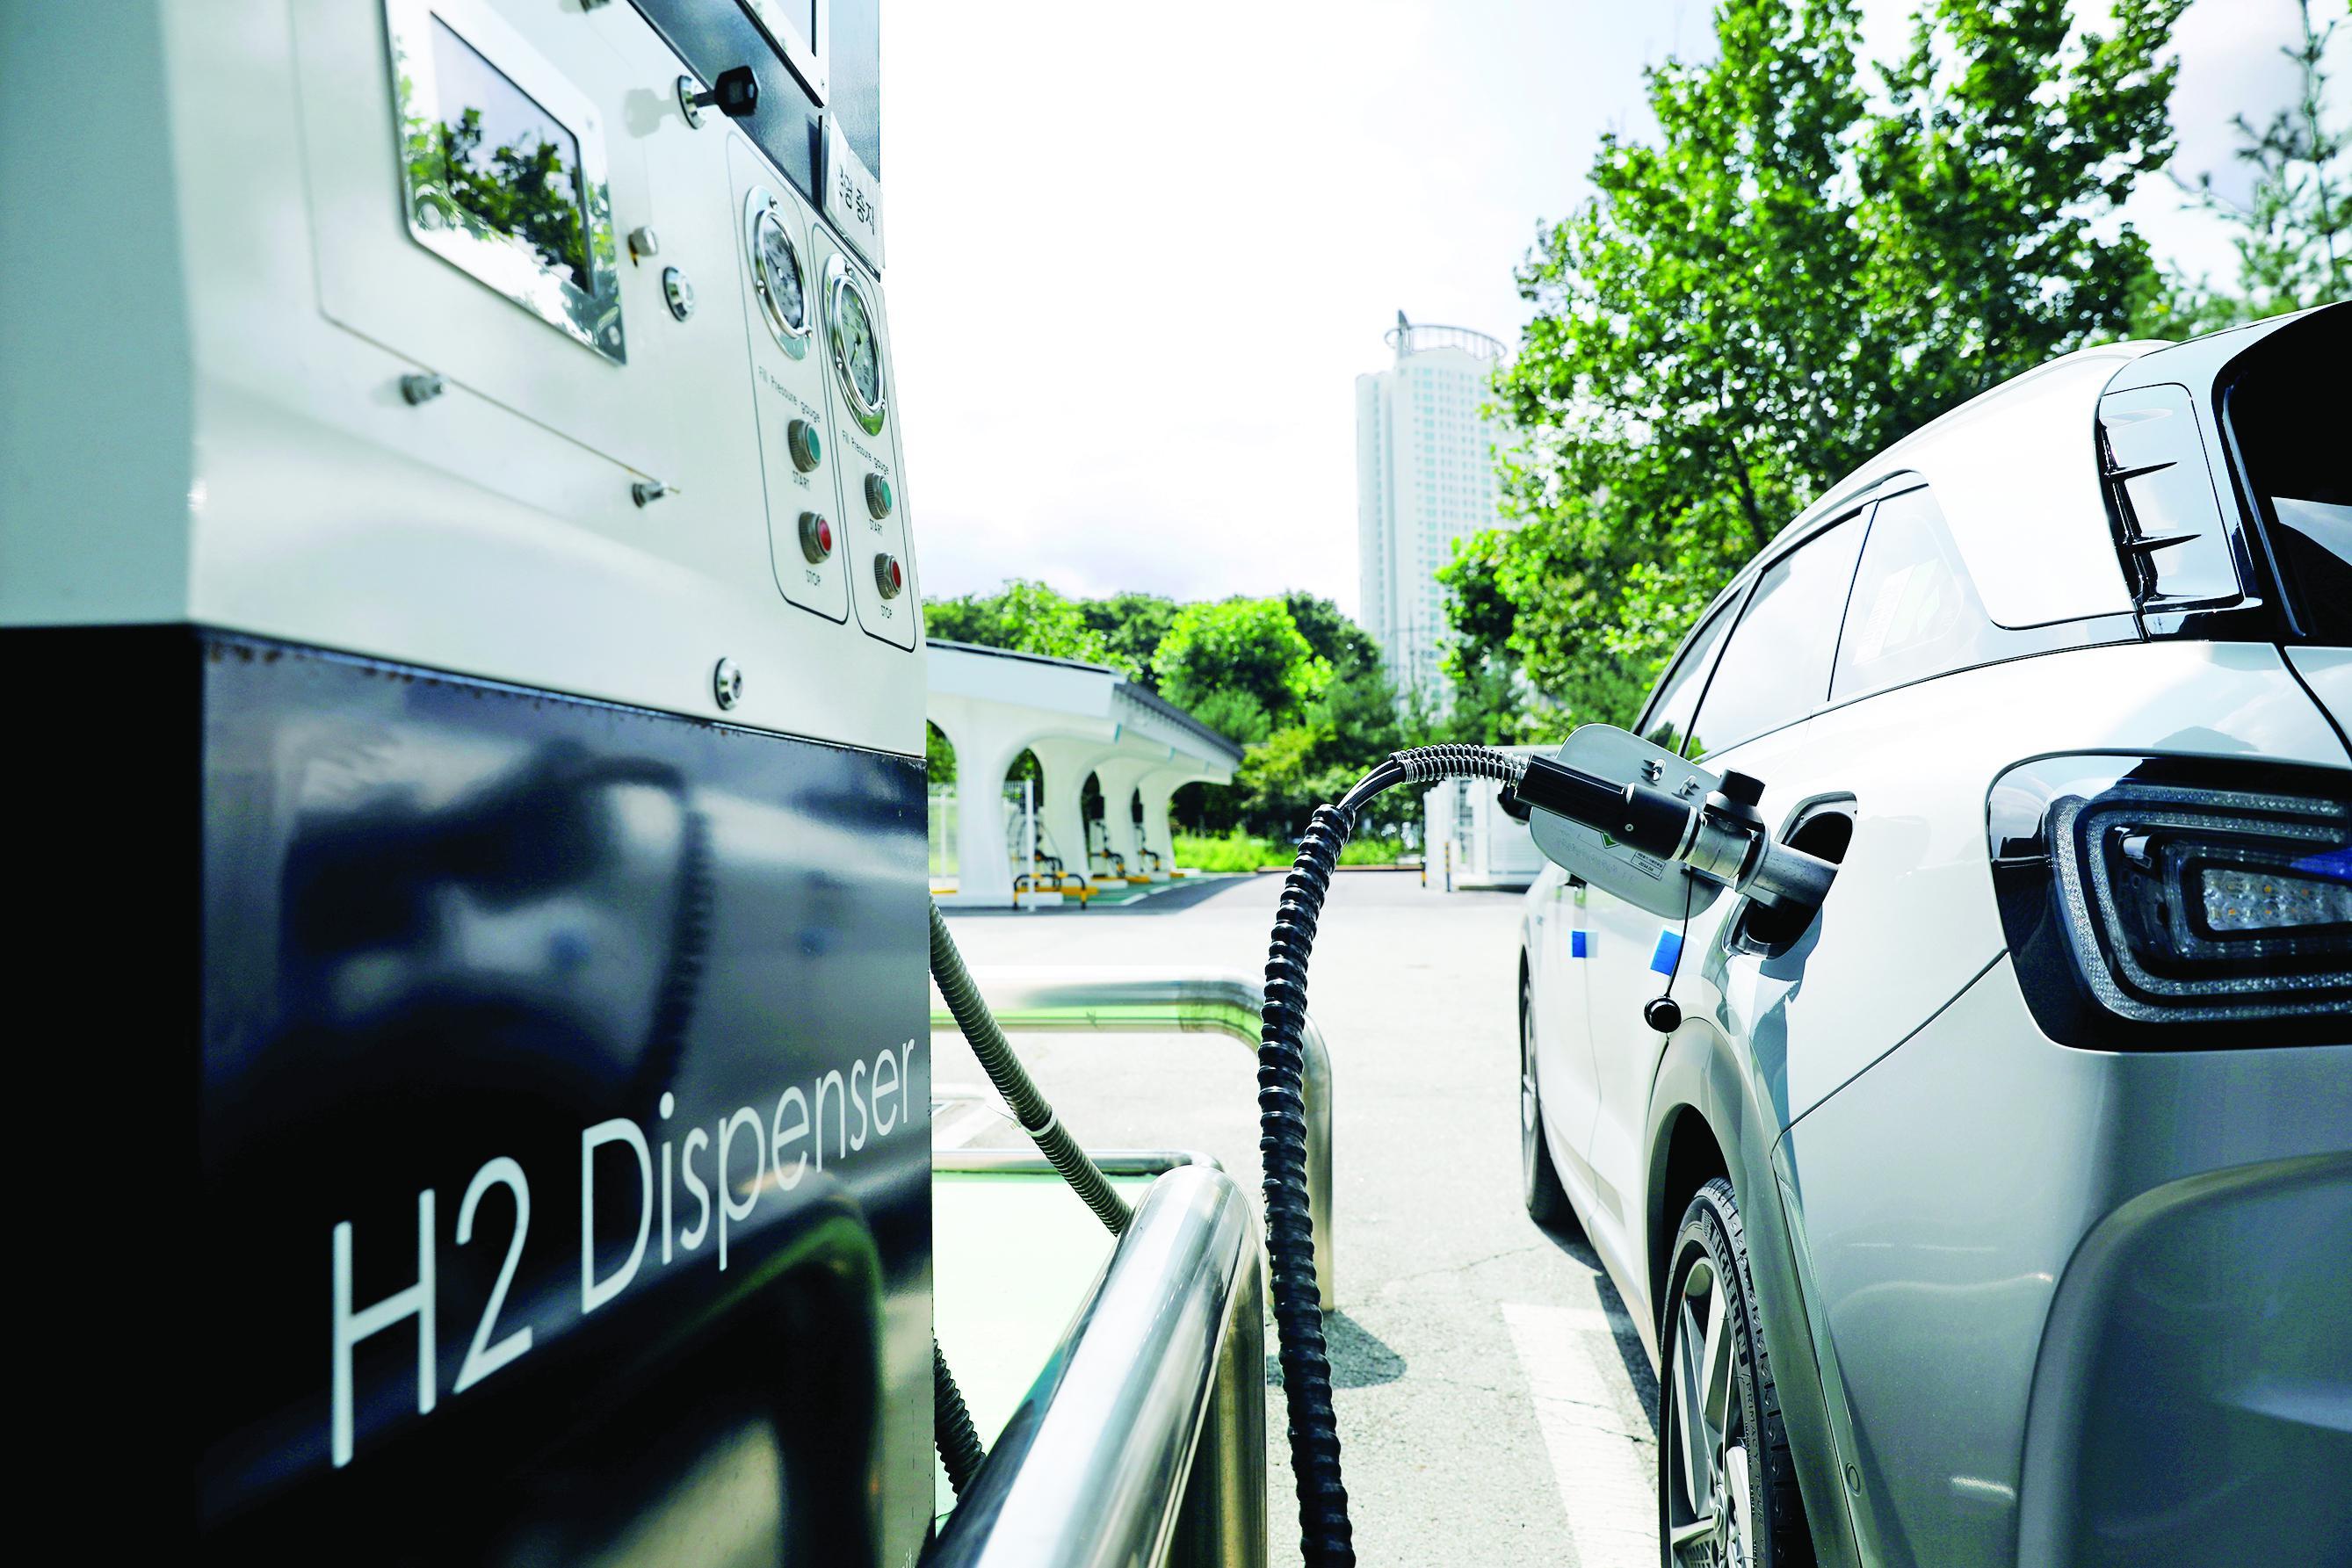 «هيونداي» تتوسع في الصين مع أول مصنع لأنظمة خلايا الوقود